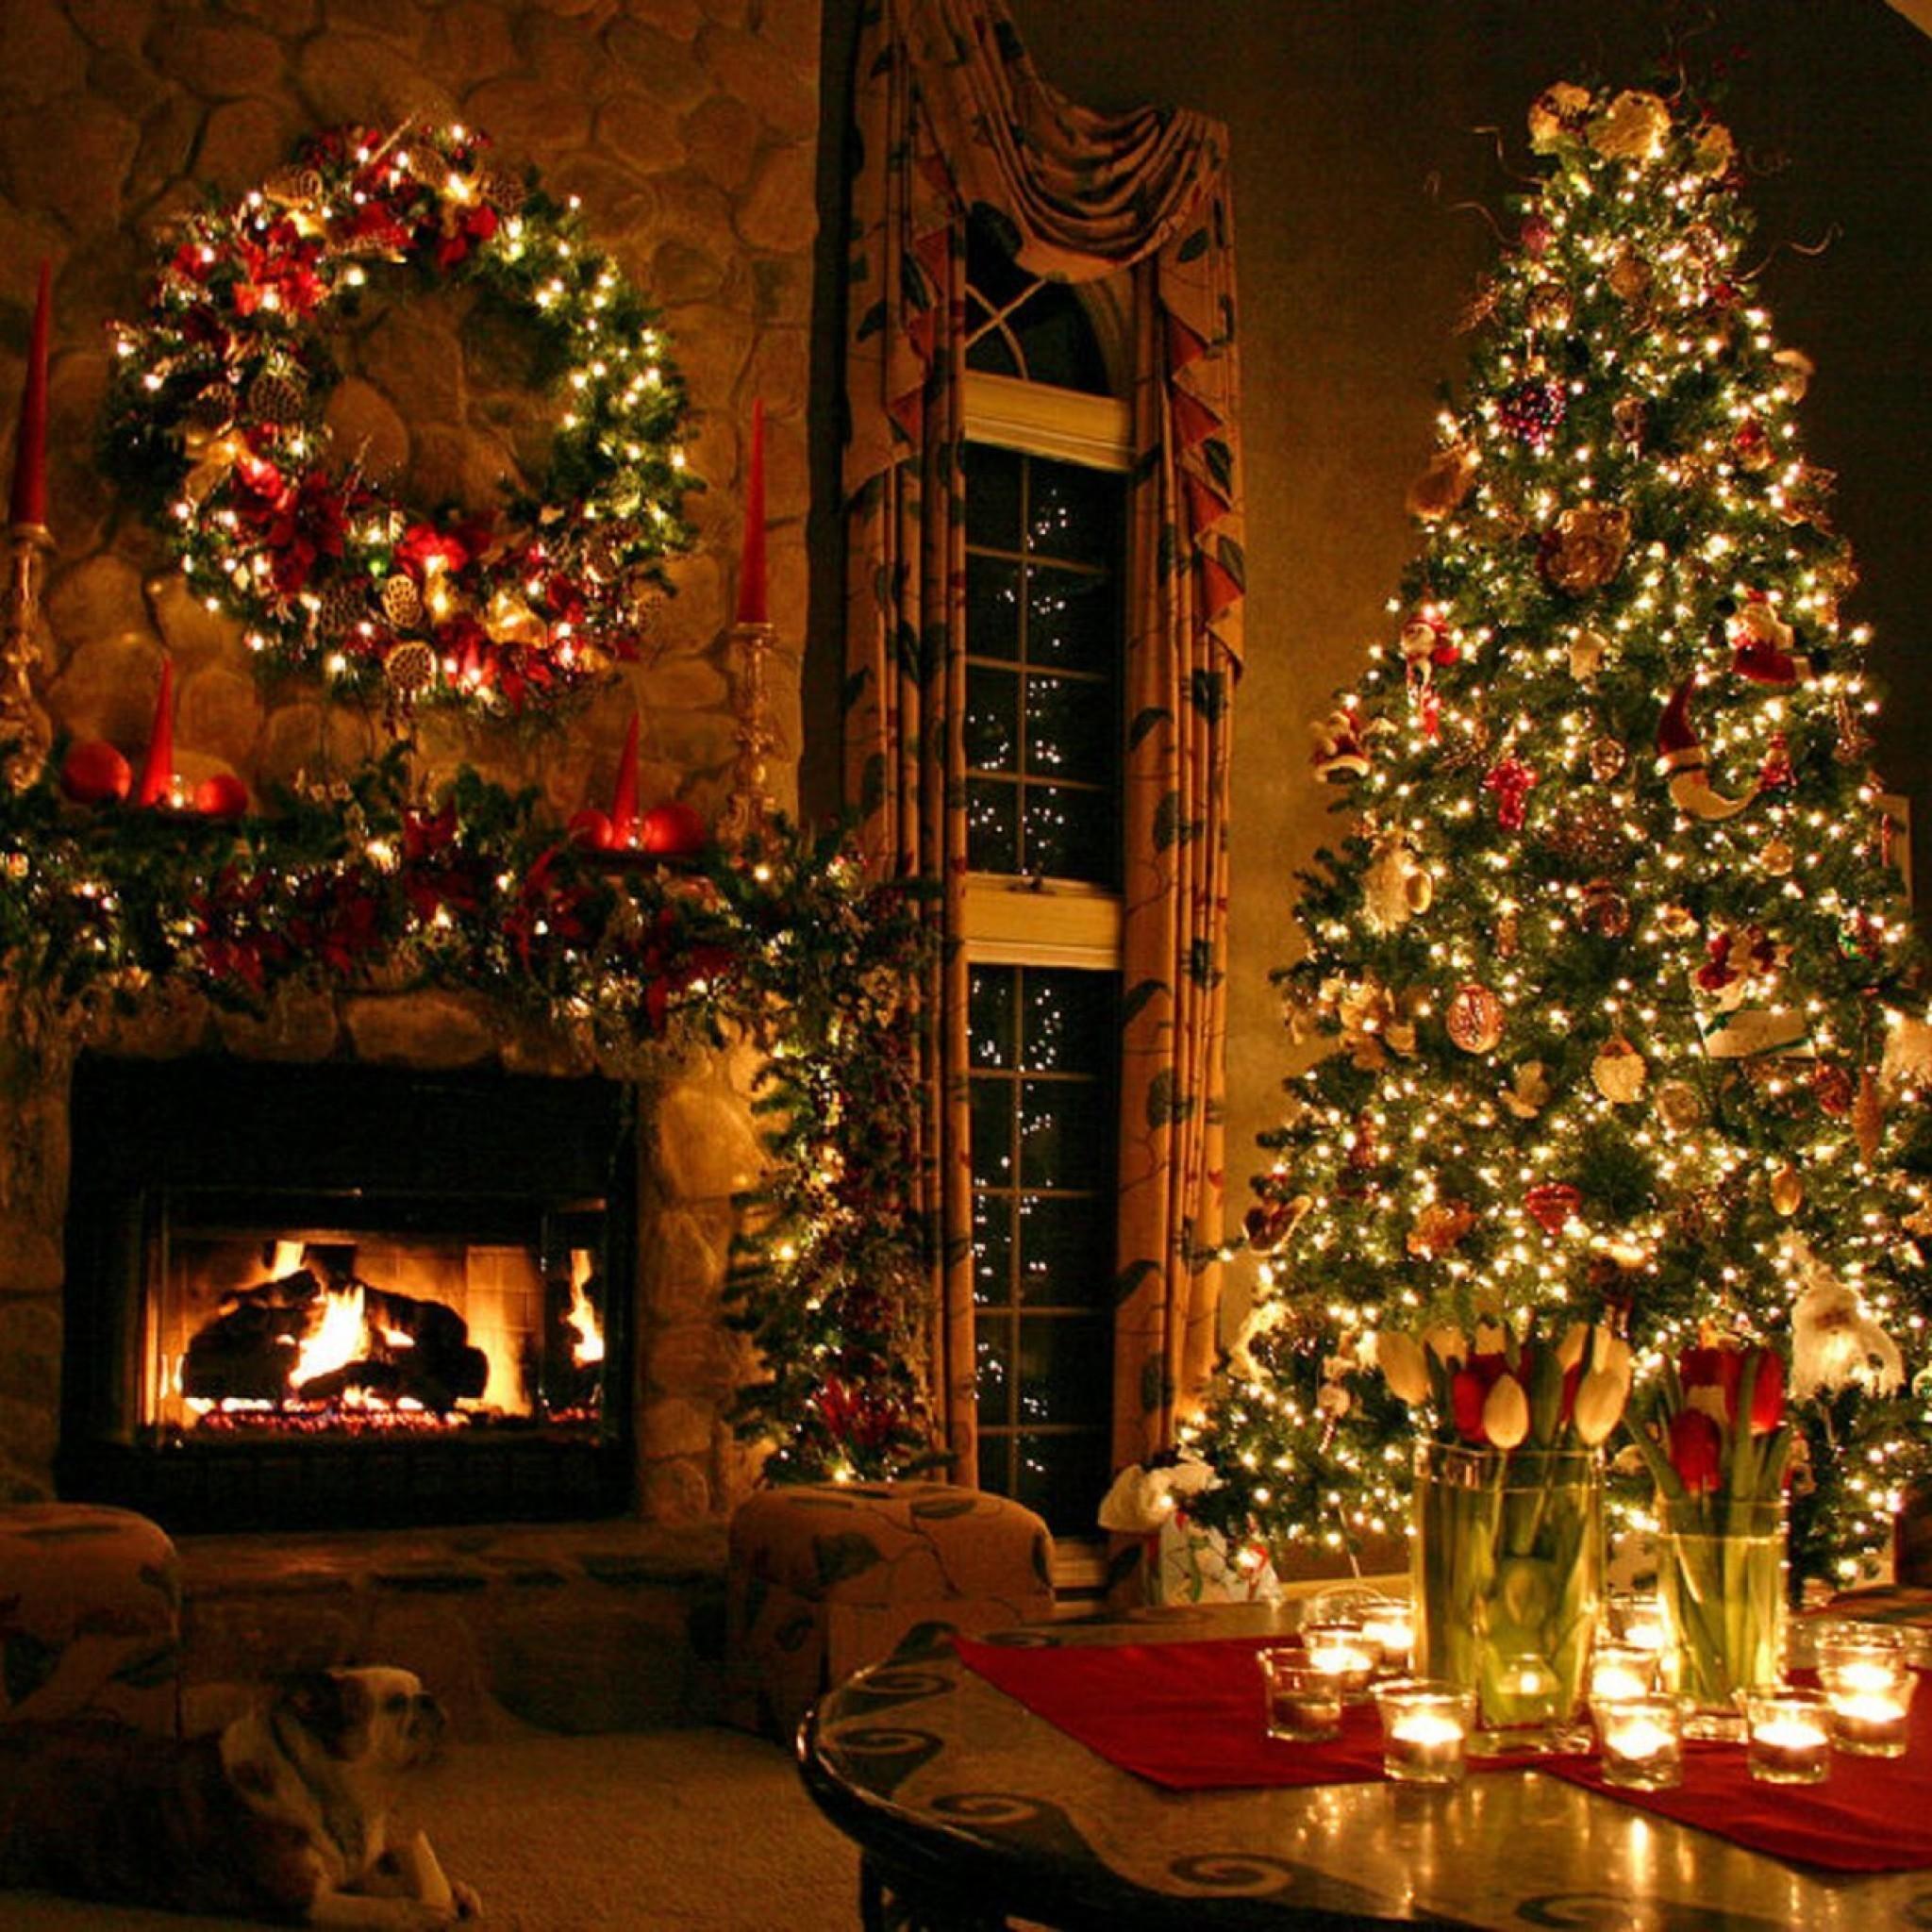 Christmas Wallpaper For Ipad (14)